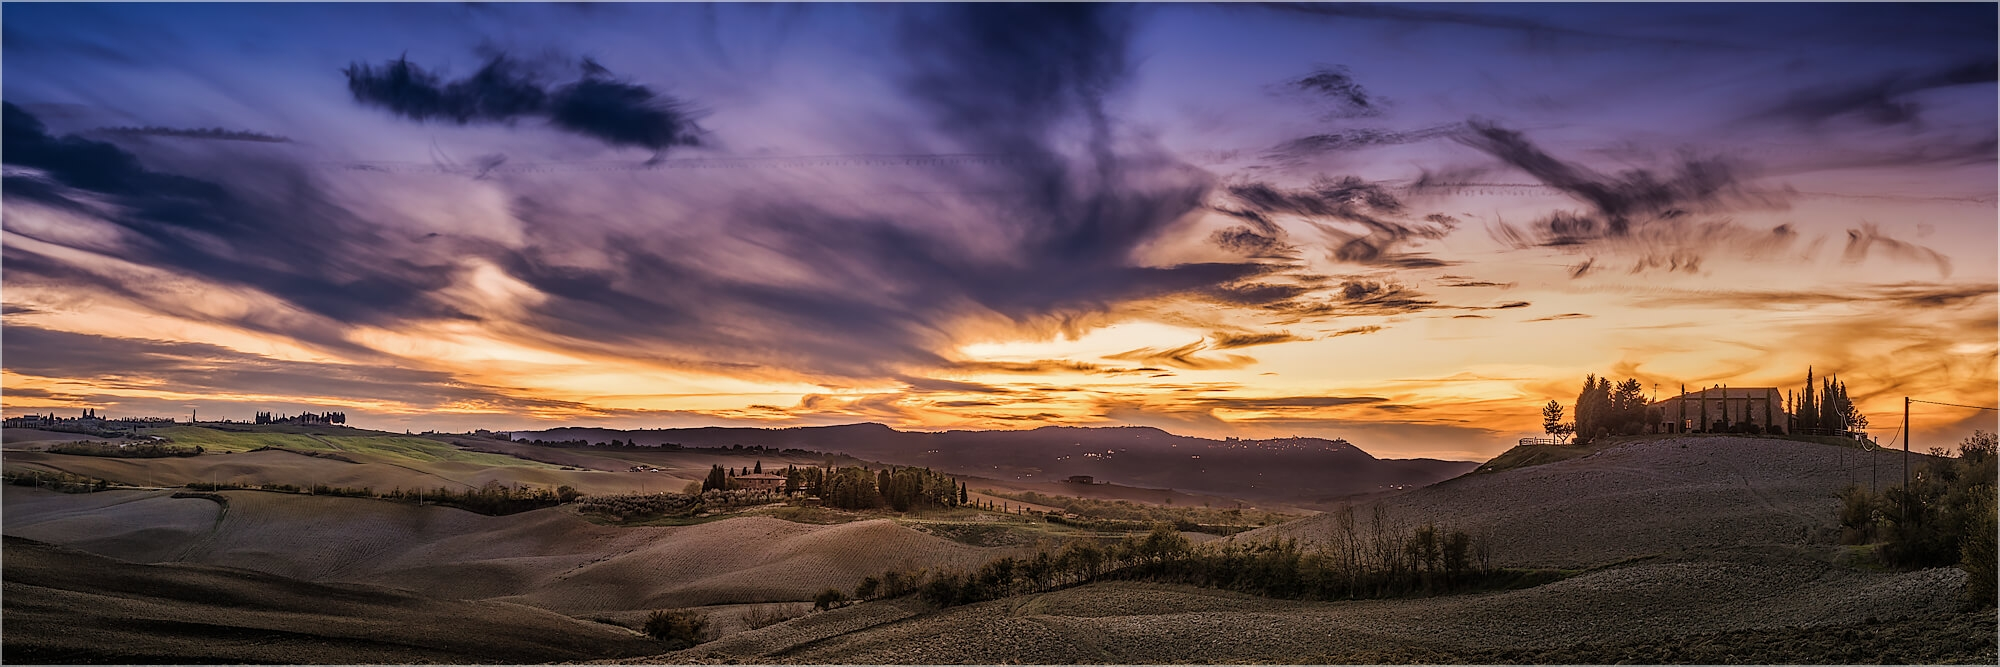 Panoramabild toskanische Landschaft im Dämmerlicht